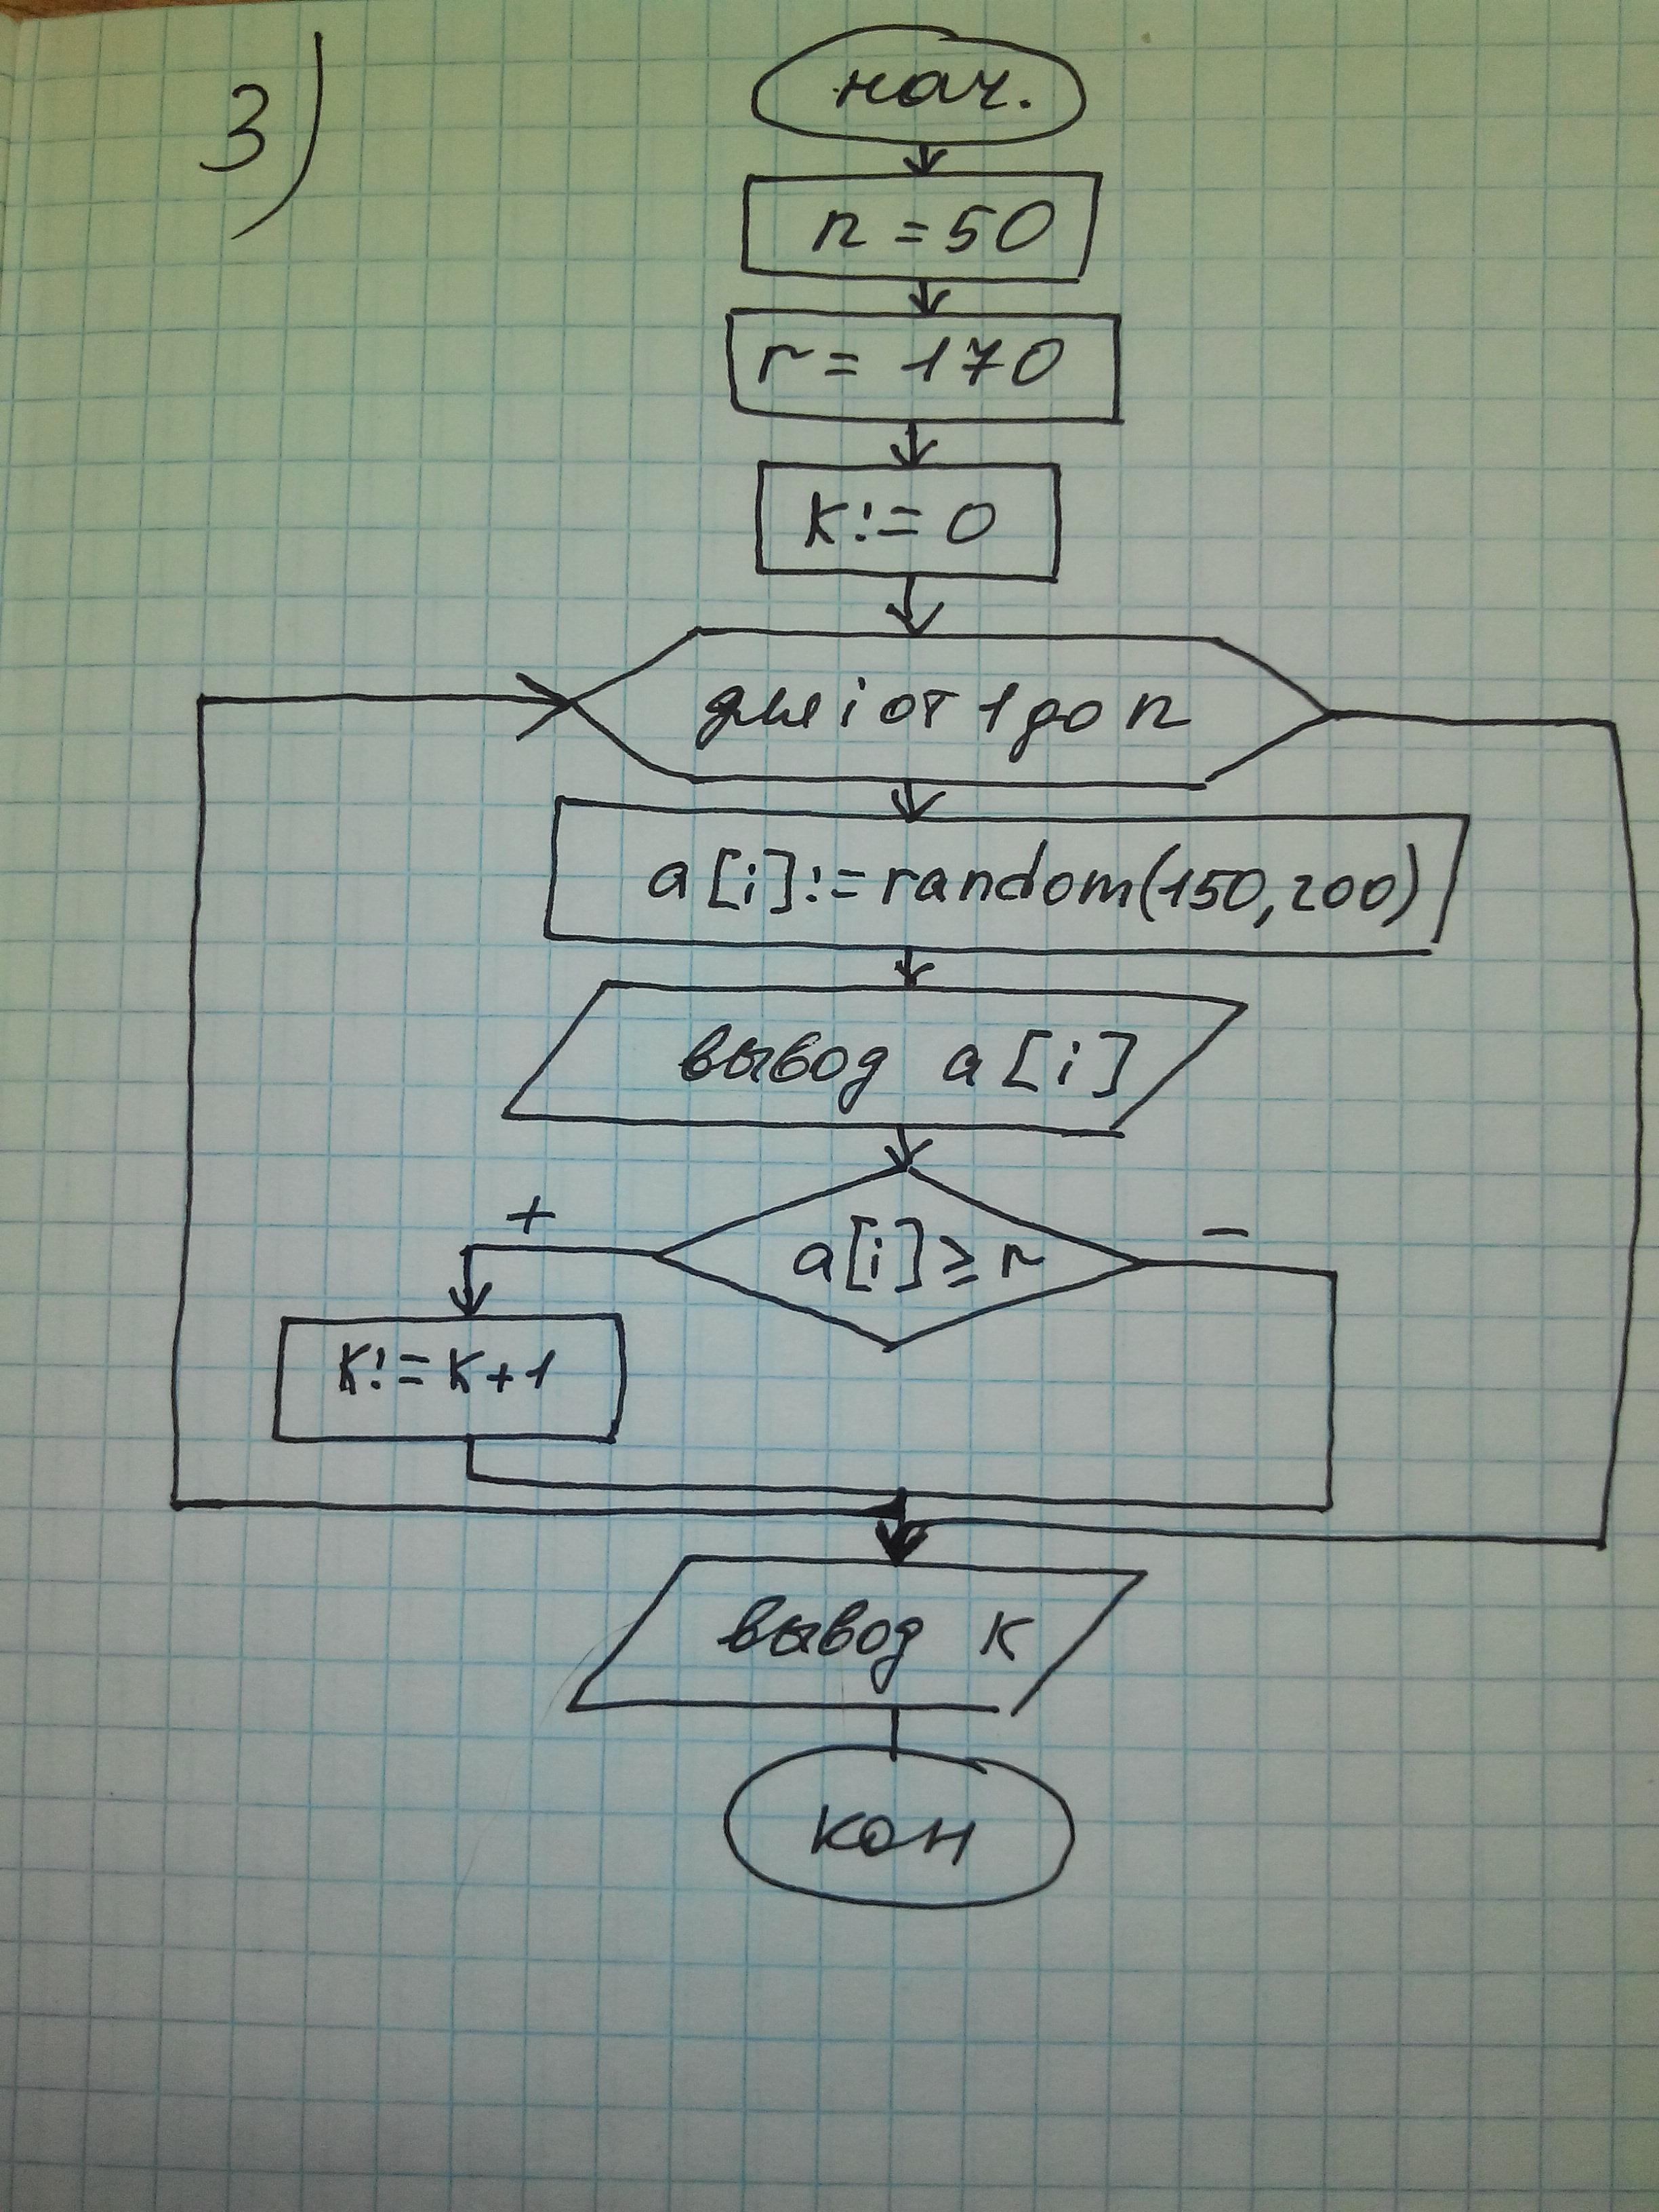 Блок схема положительных элементов массива